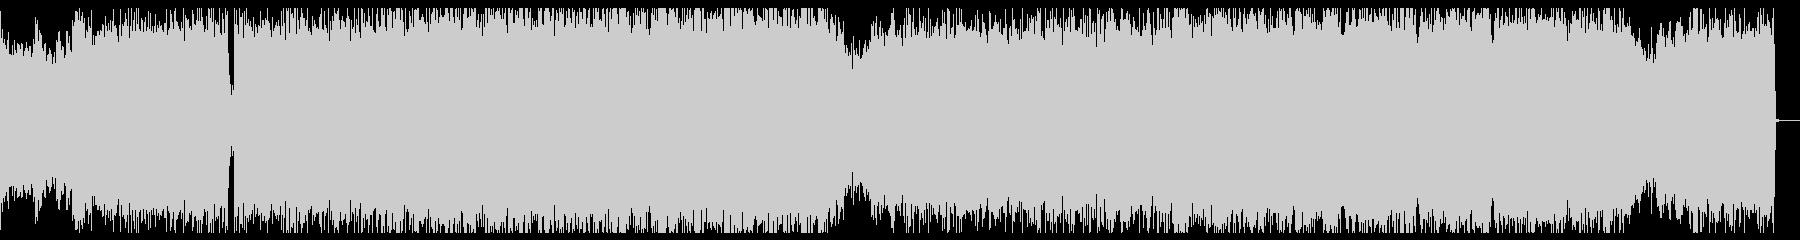 緊迫感あるデジタルロックとバイオリンの未再生の波形